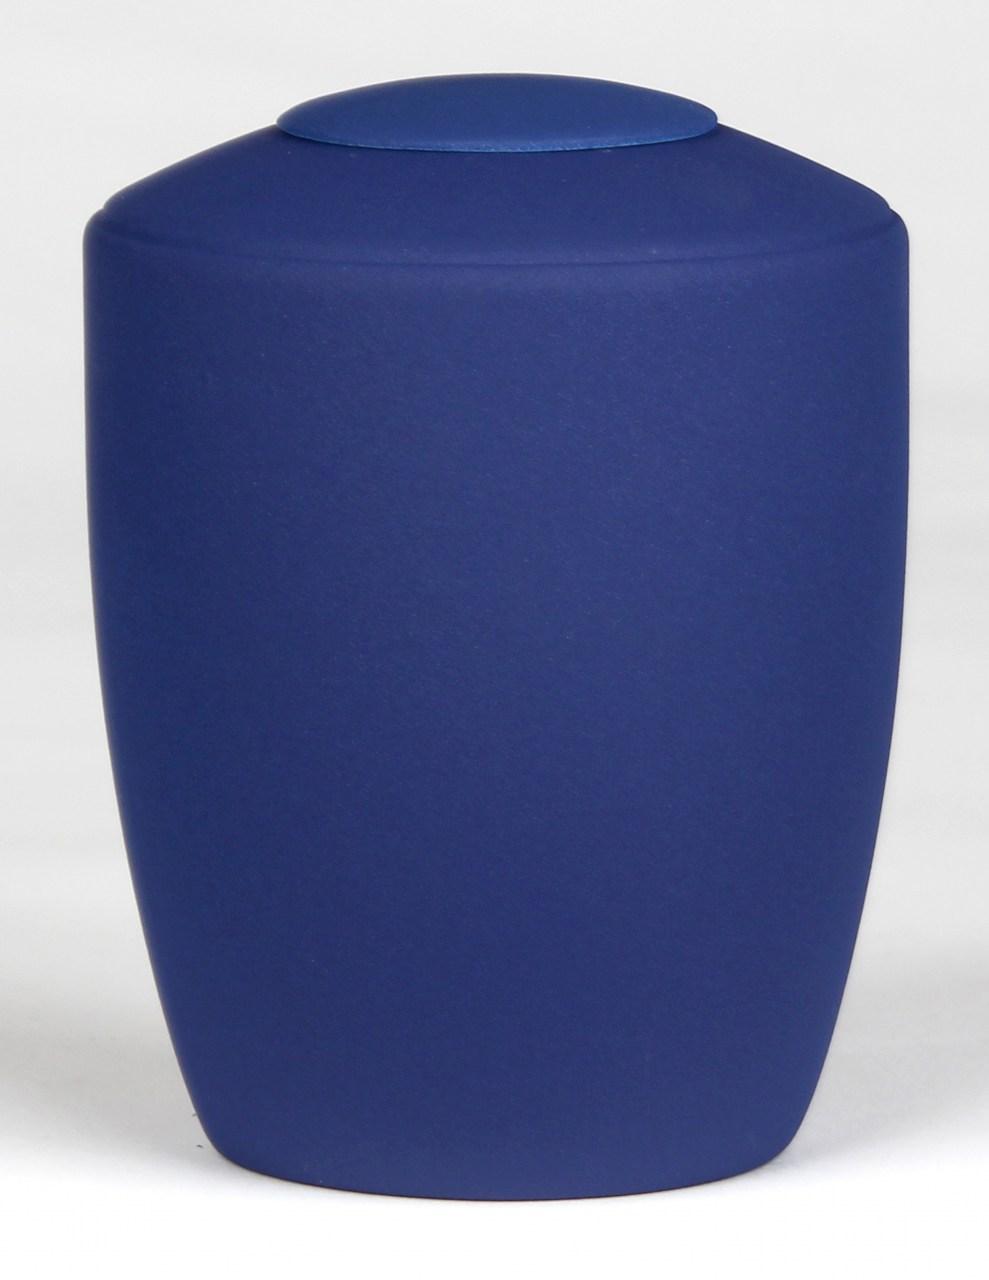 Tierurne mit Teelicht Kobaltblau in 1,5 Liter